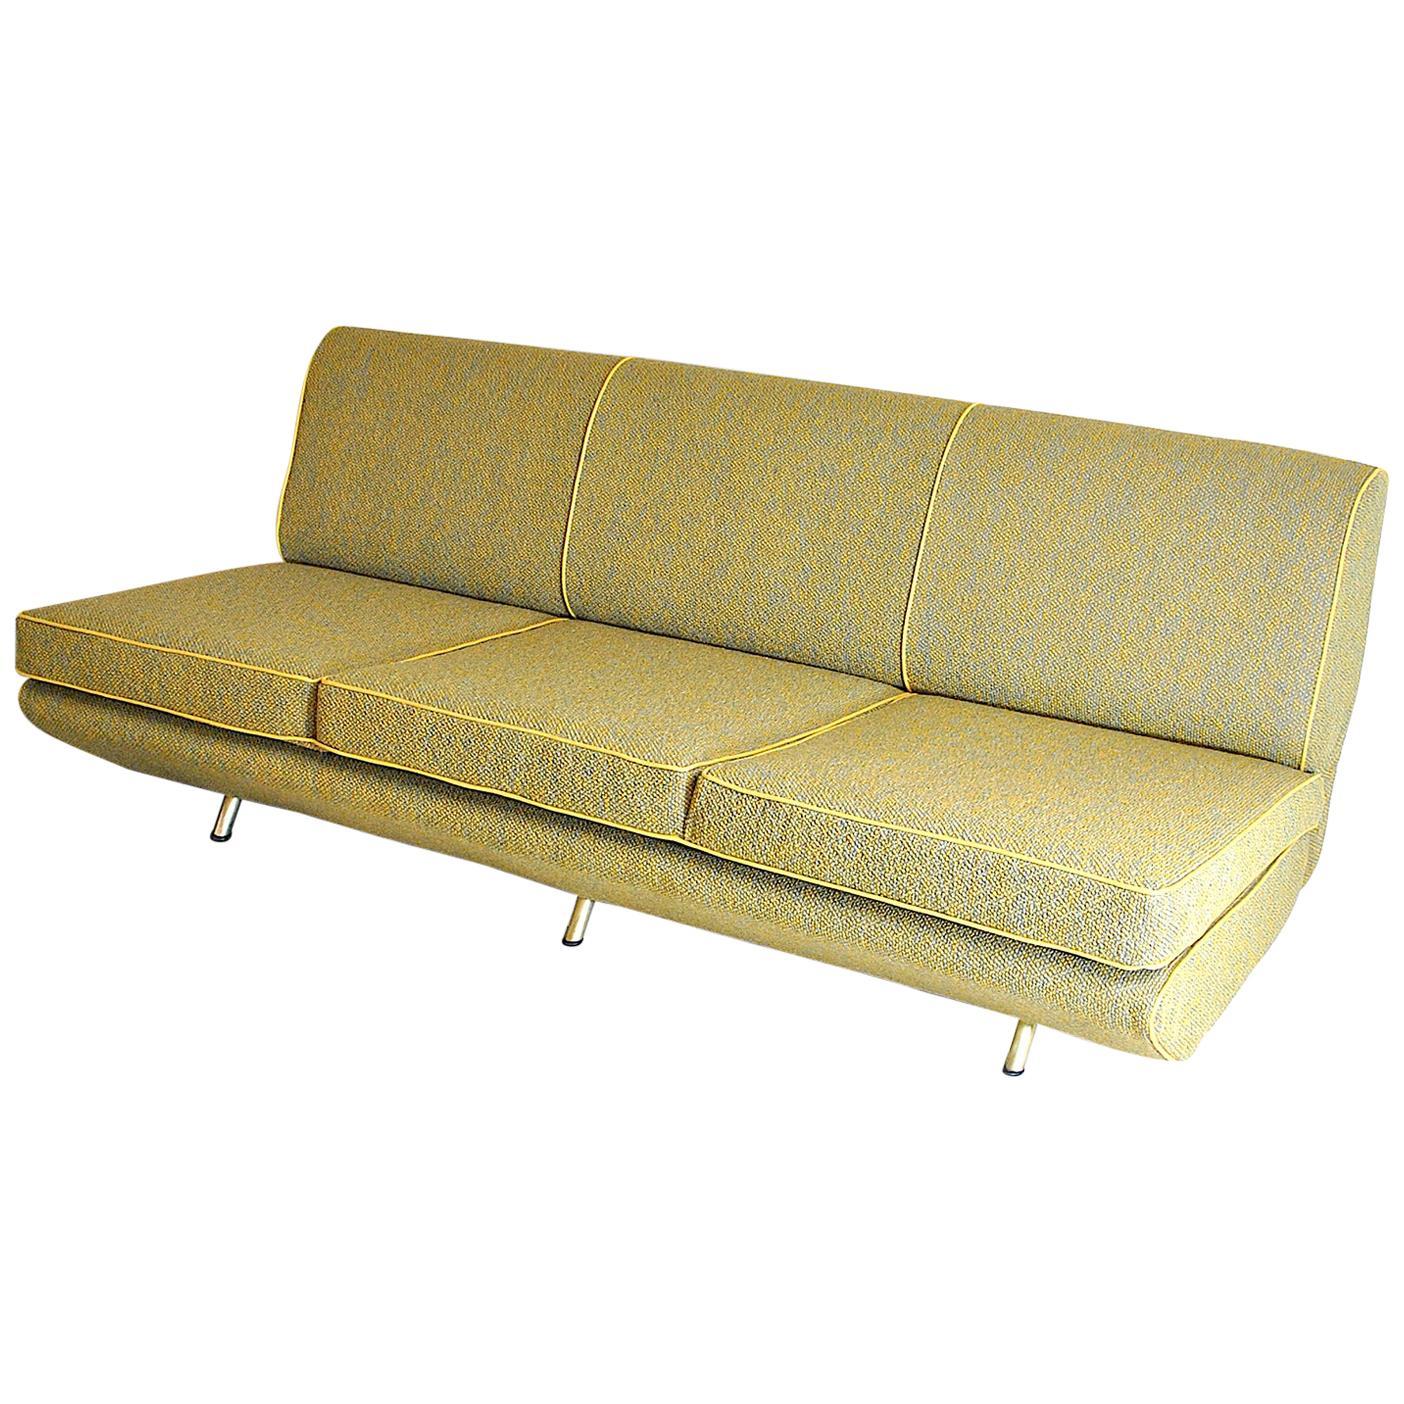 Marco Zanuso Italian Midcentury Sofa from the 1950s